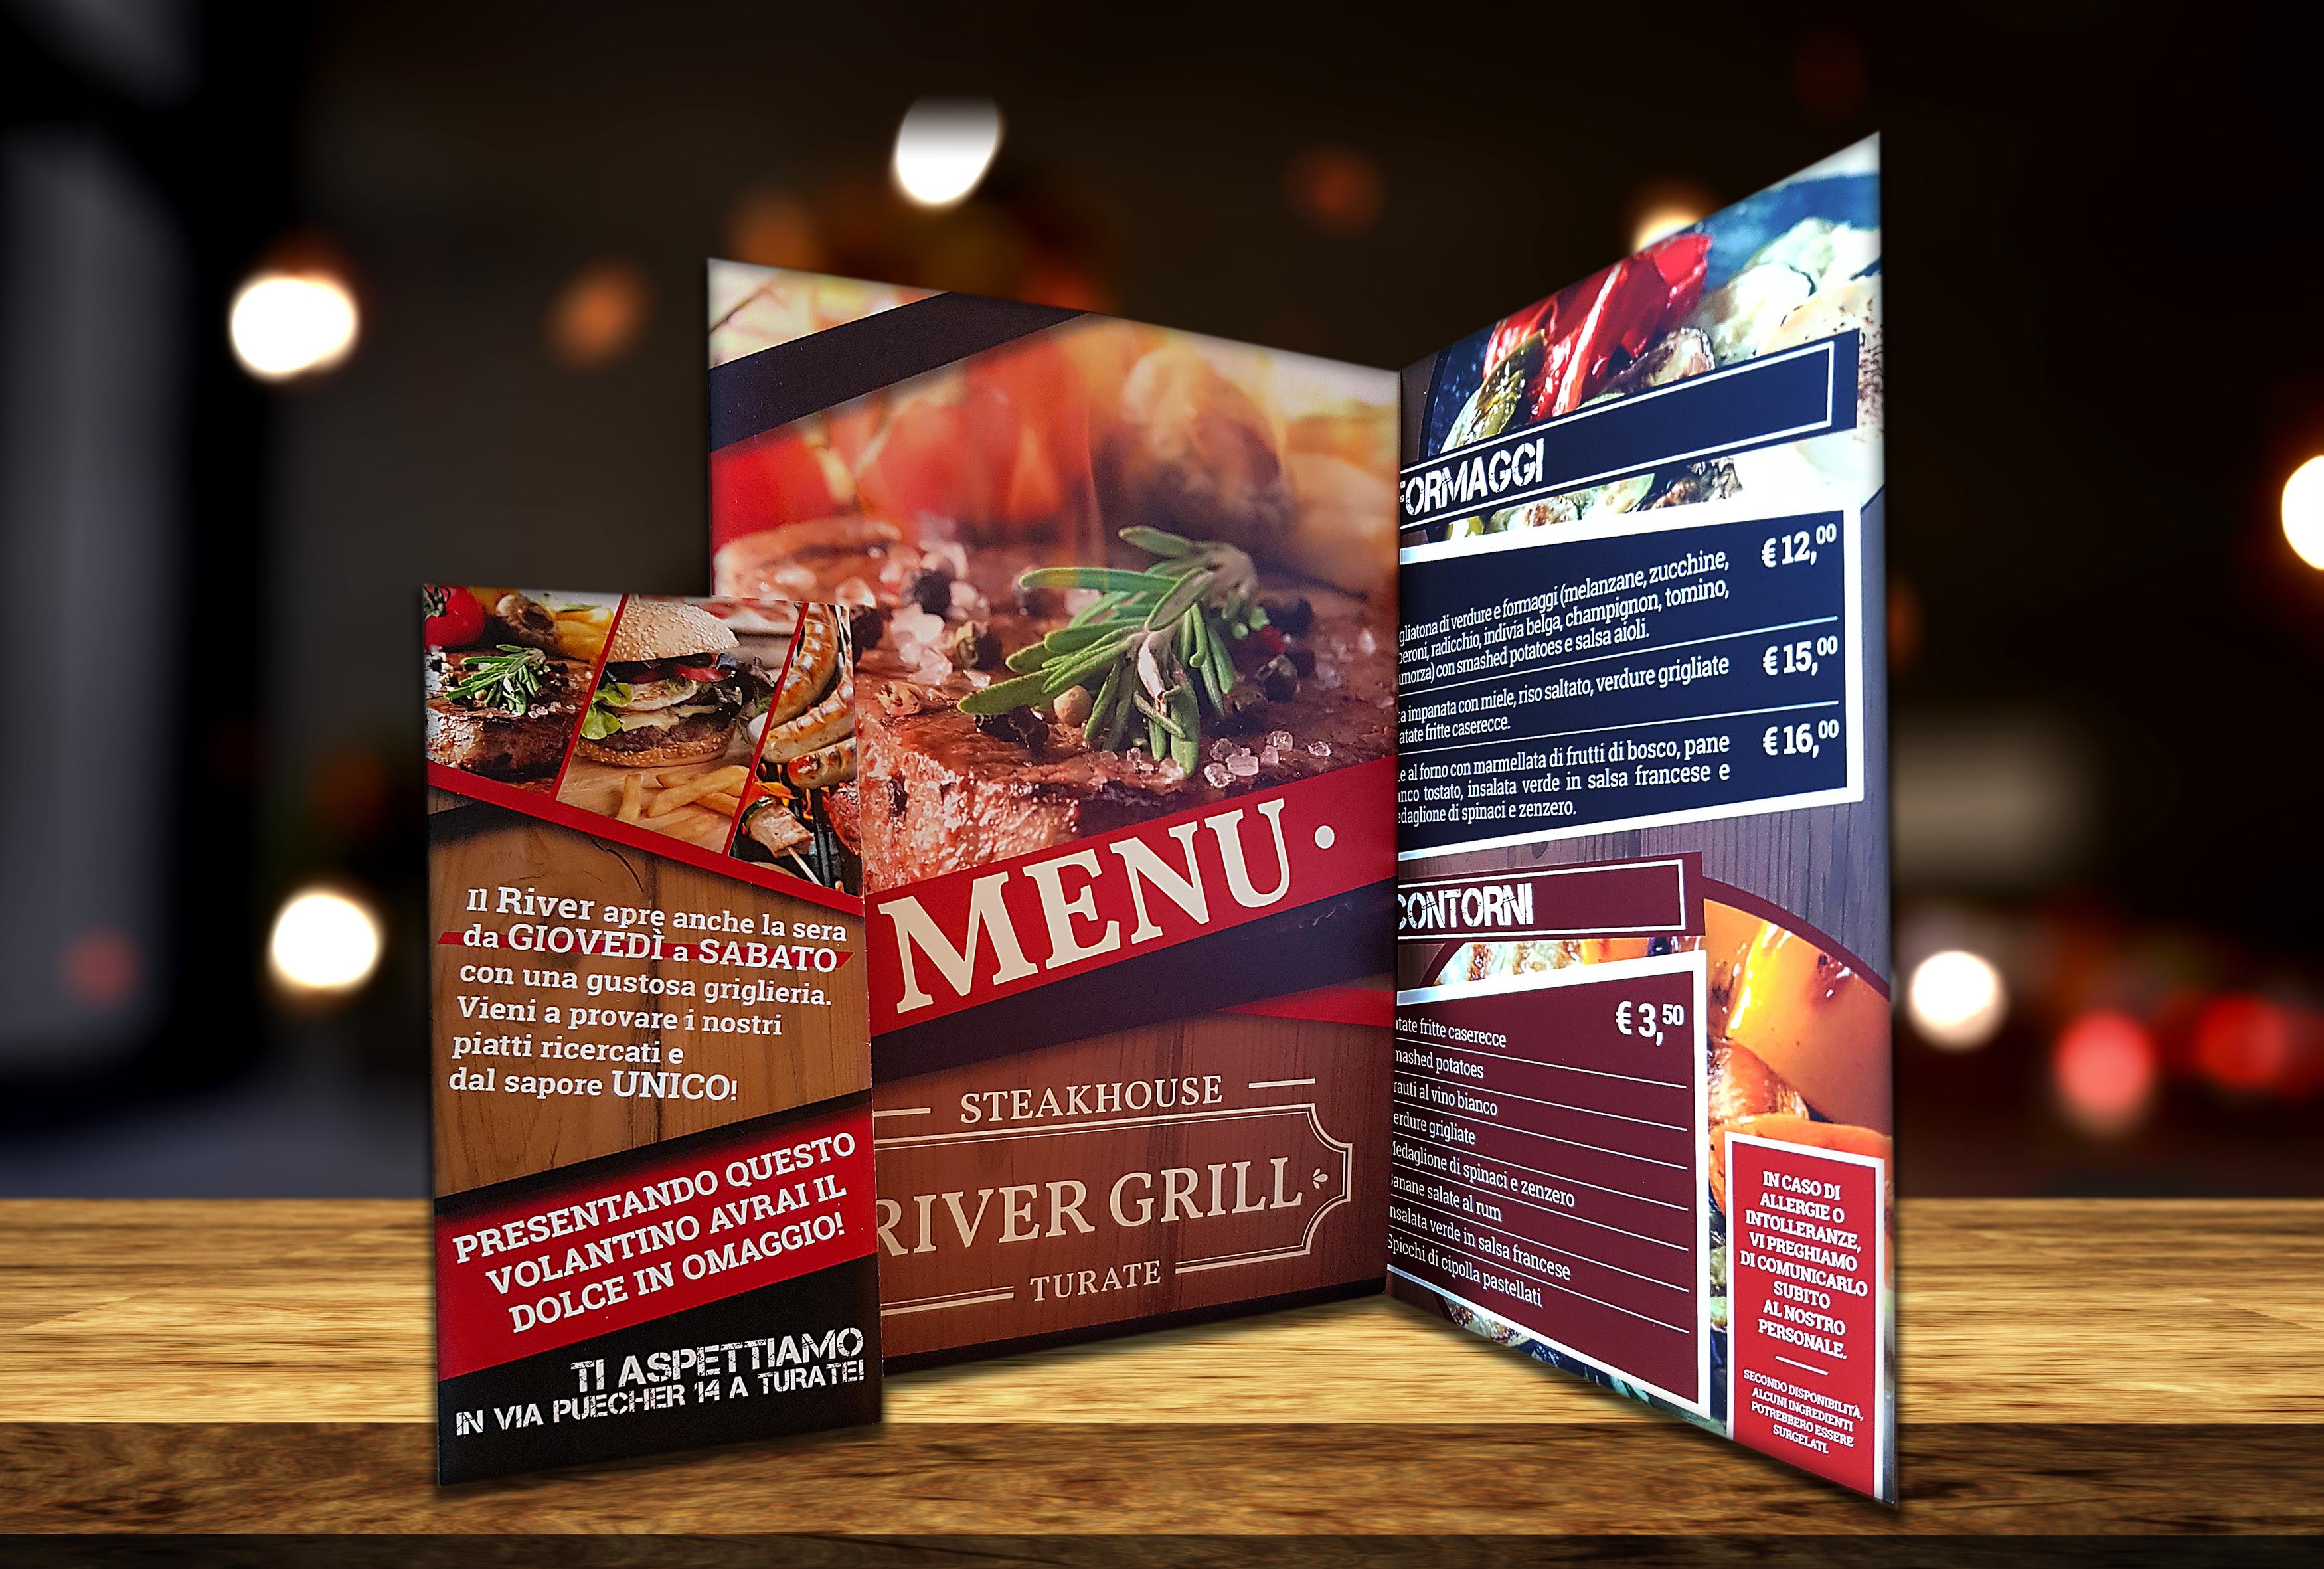 Menù River Grill